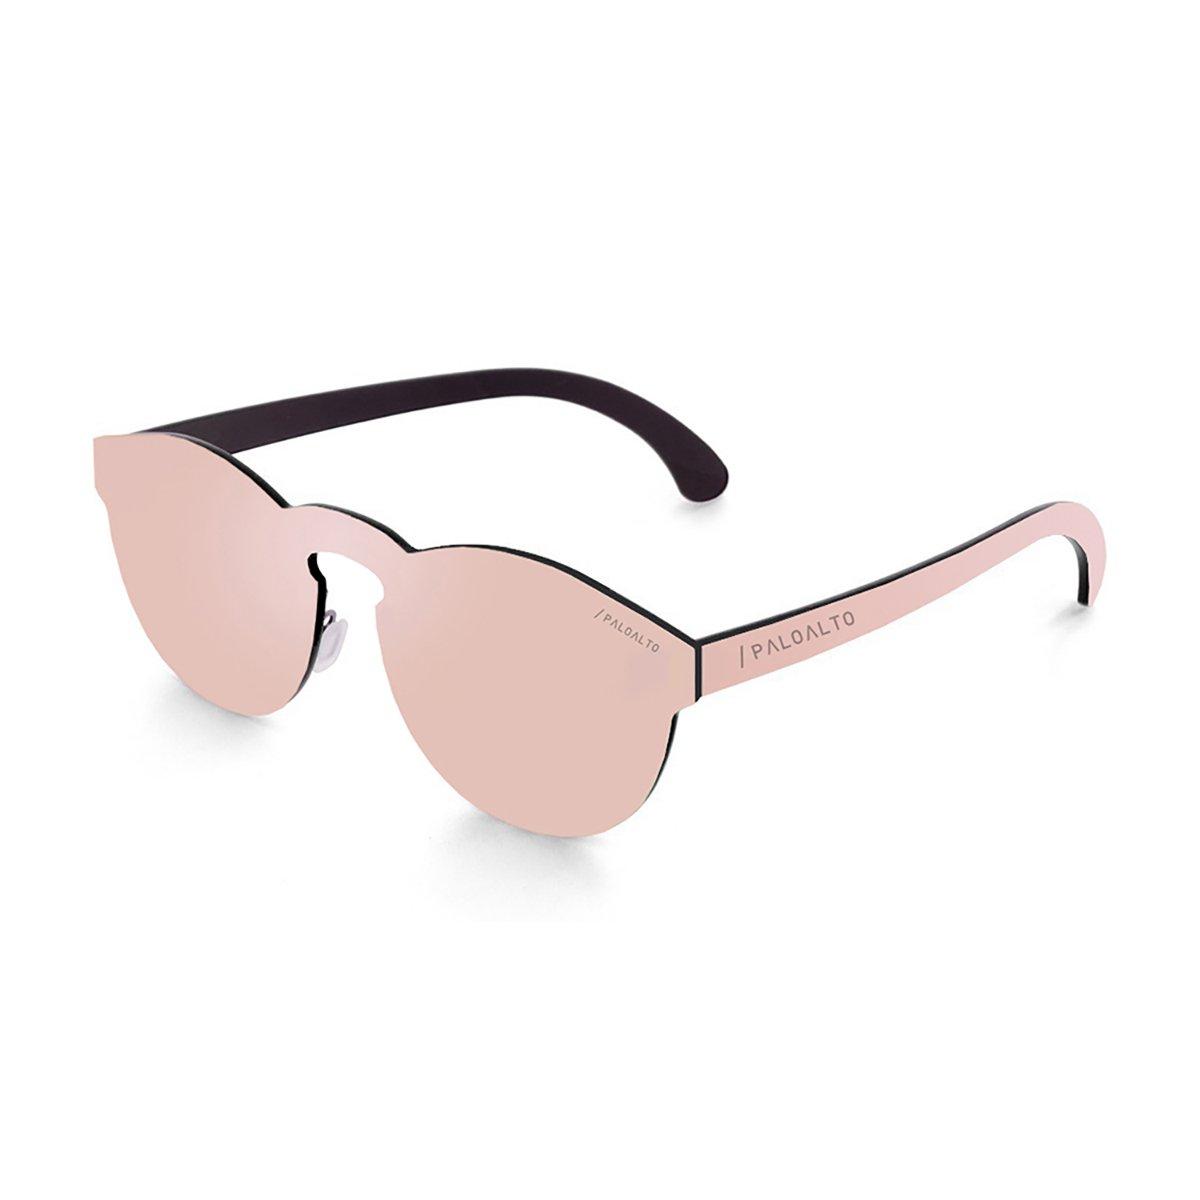 Paloalto Sunglasses p22.7 Gafas de Sol Unisex, Rosa: Amazon ...